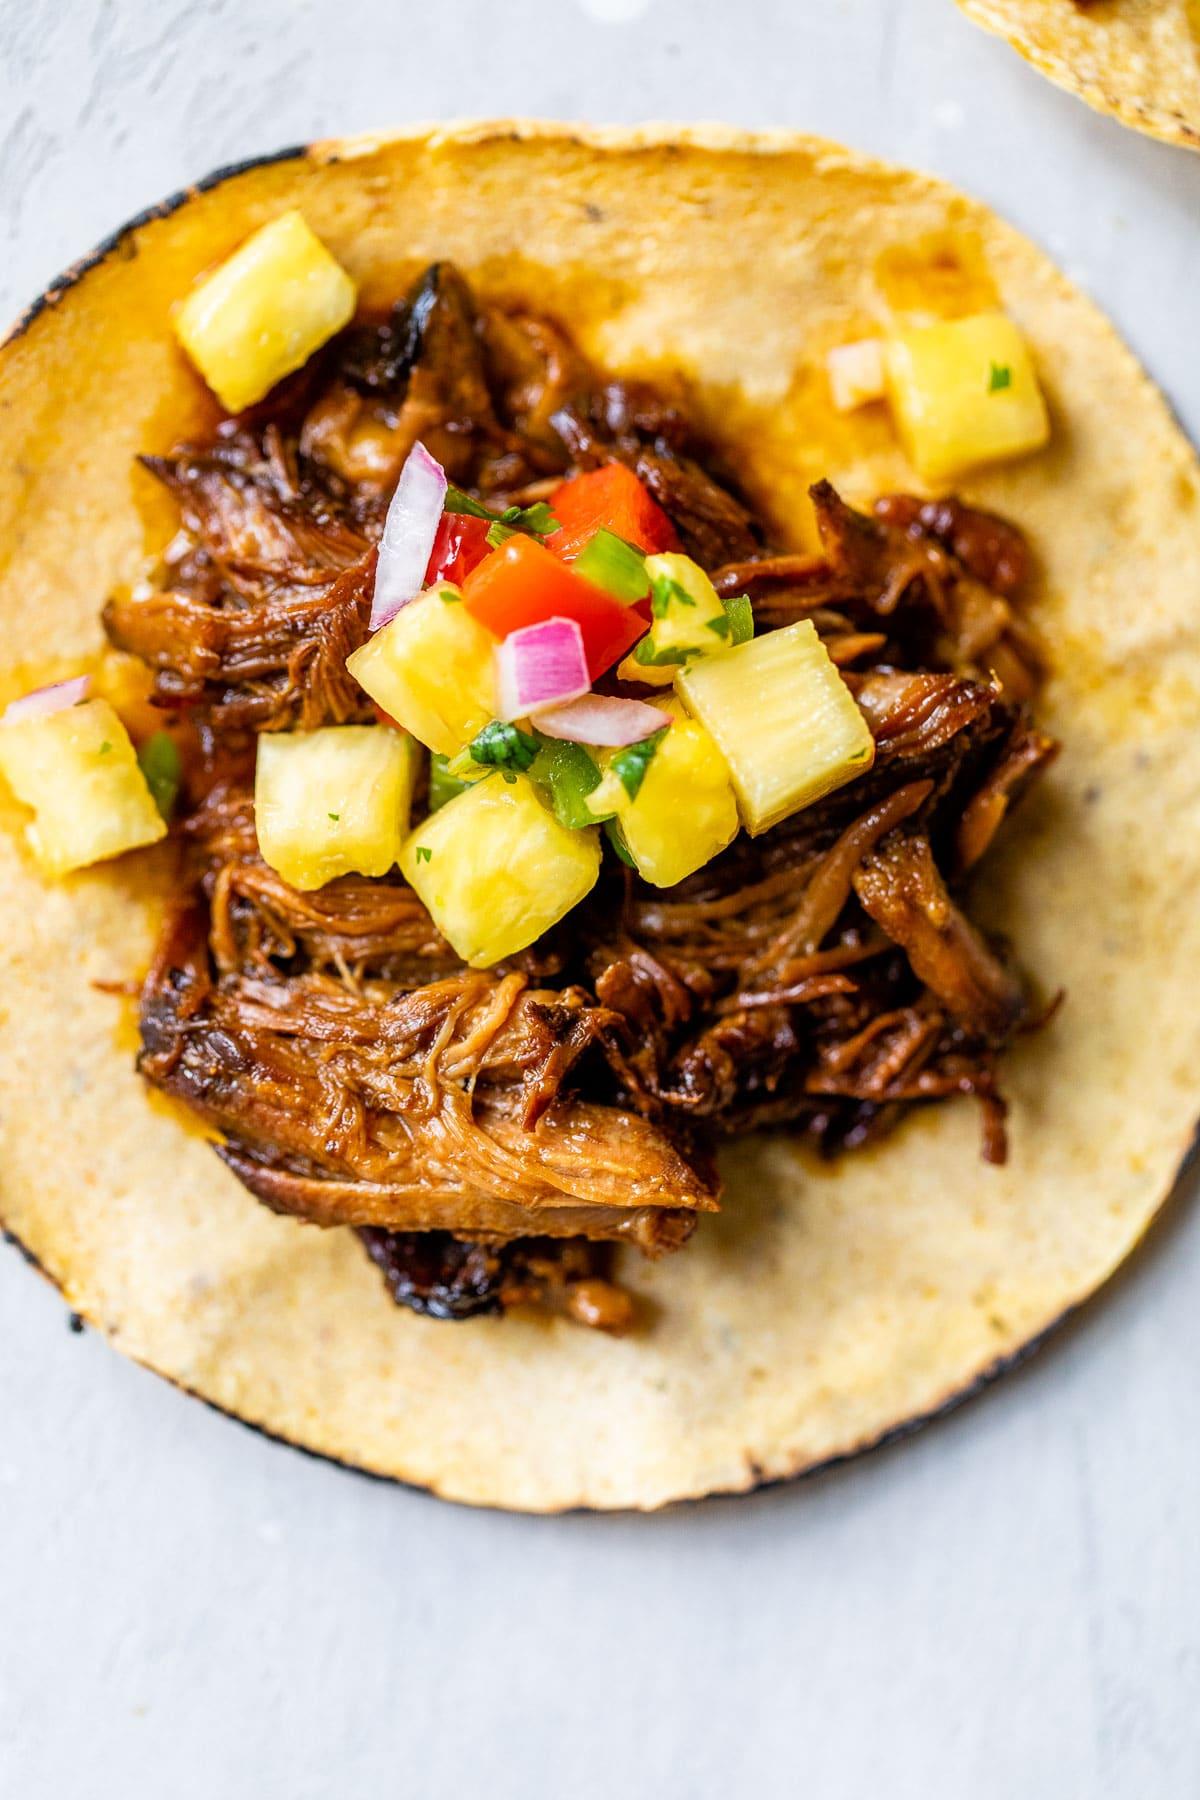 close up photo of a pork taco